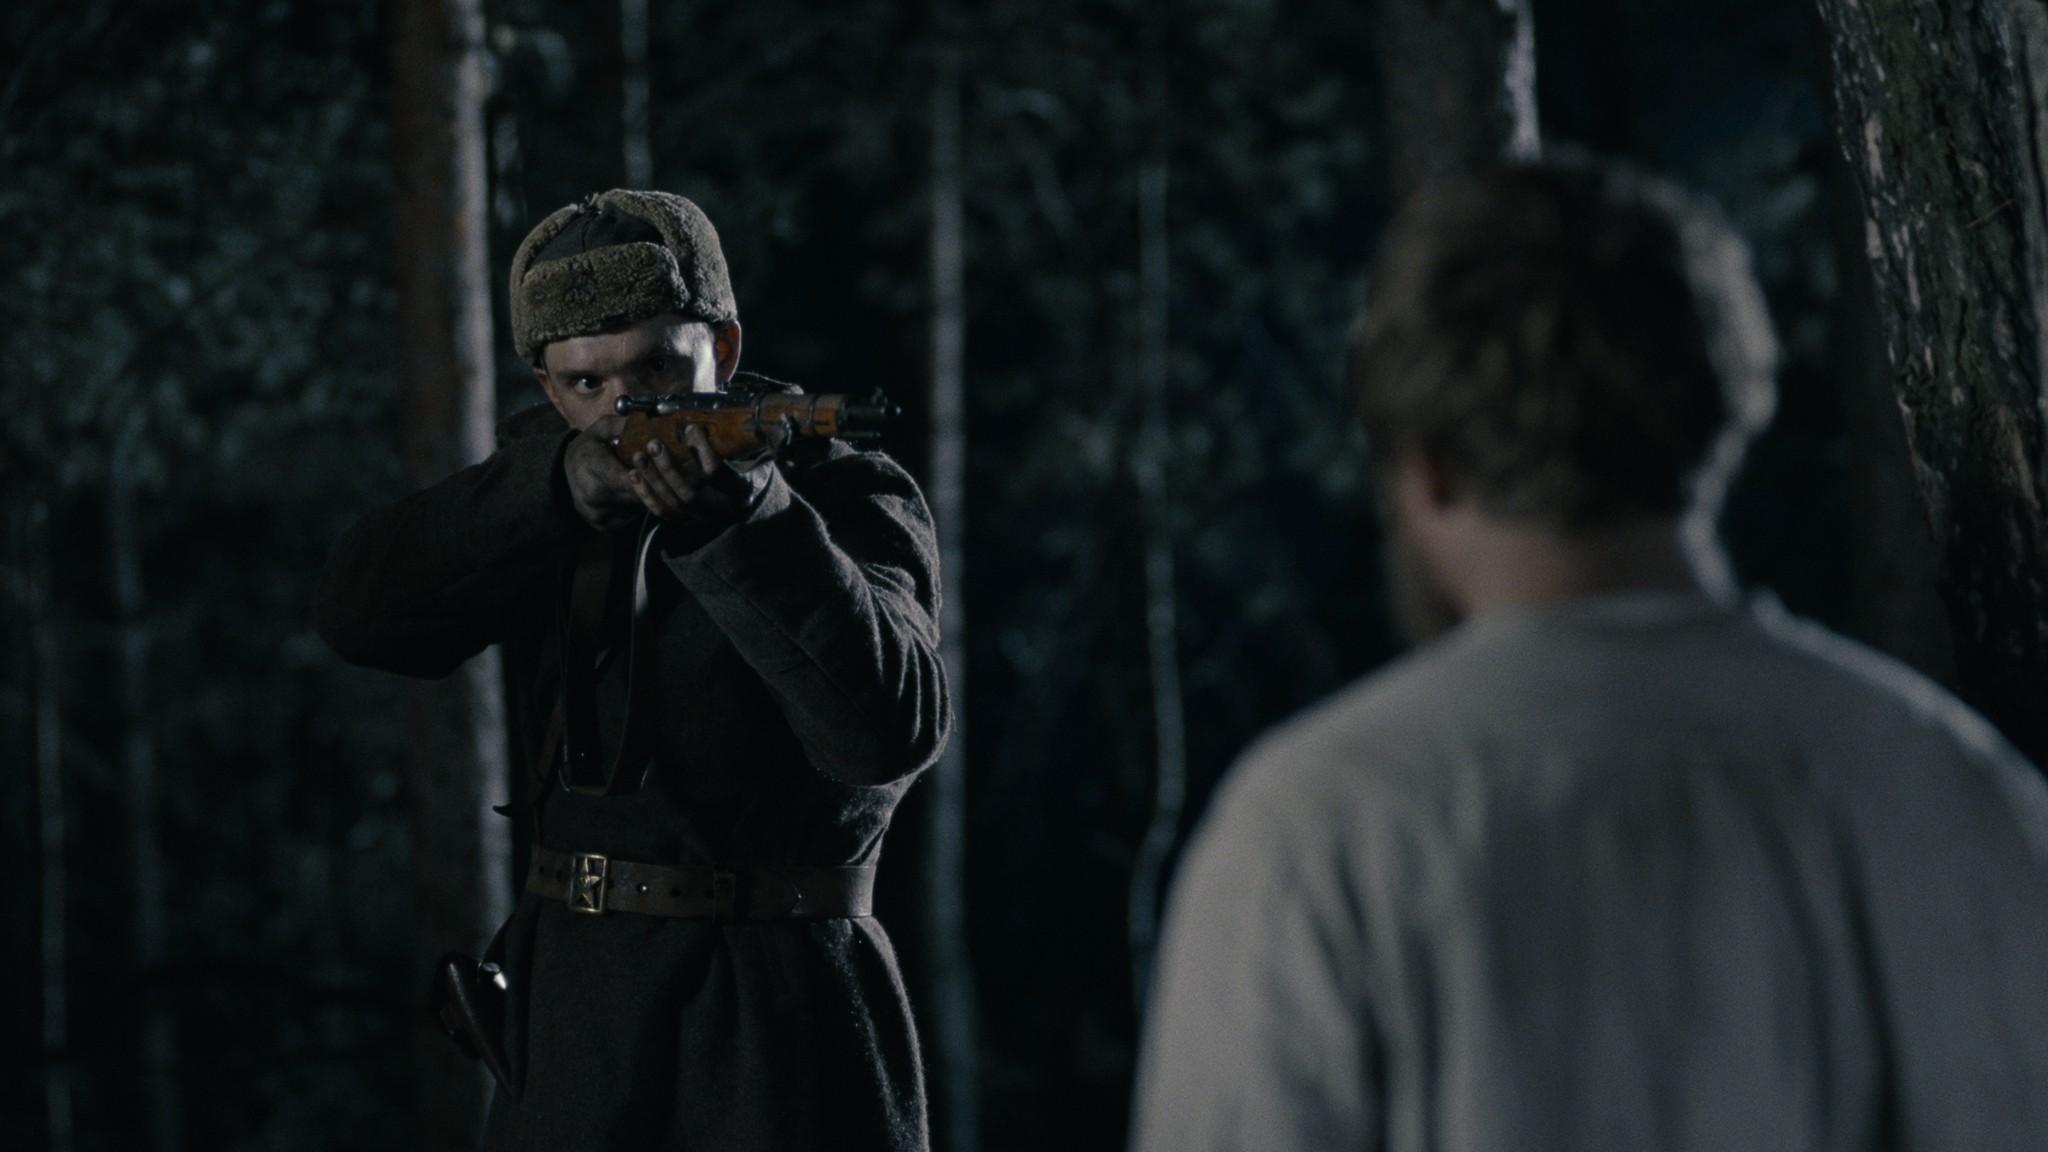 кадры из фильма В тумане Владислав Абашин, Владимир Свирский,